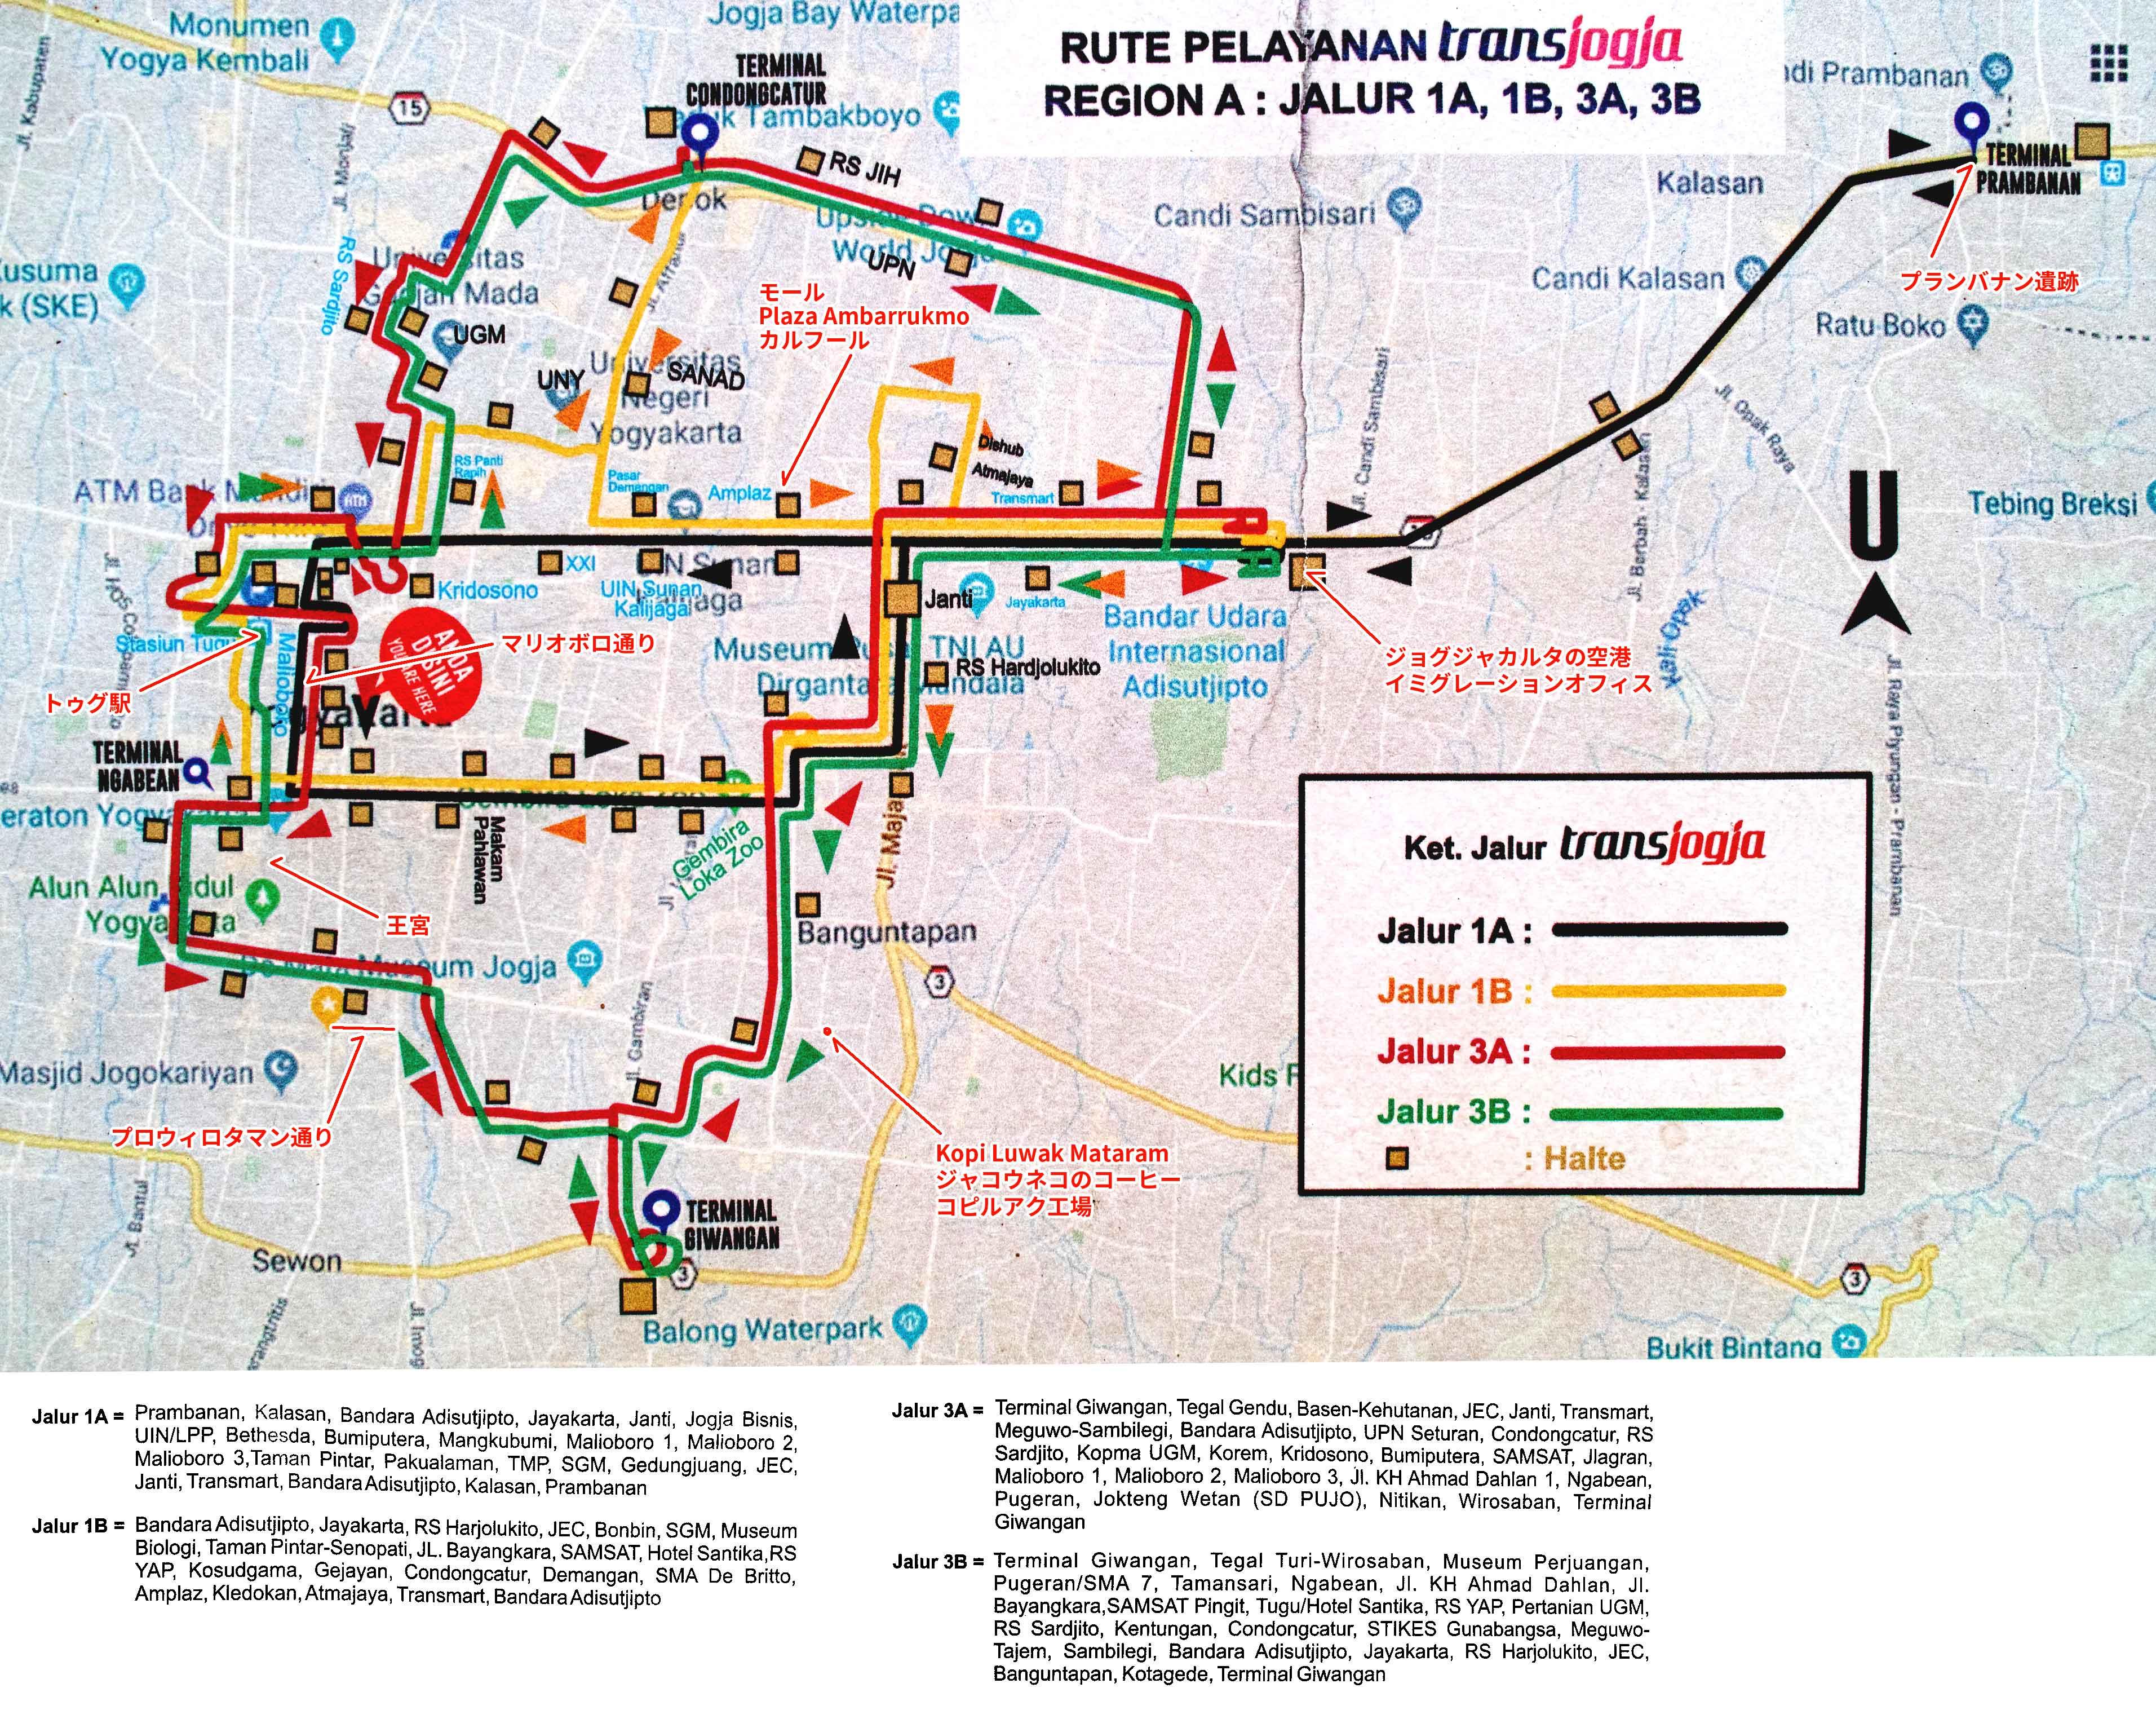 トランスジョグジャ(Trans Jogja)路線図1A,1B,3A,3B